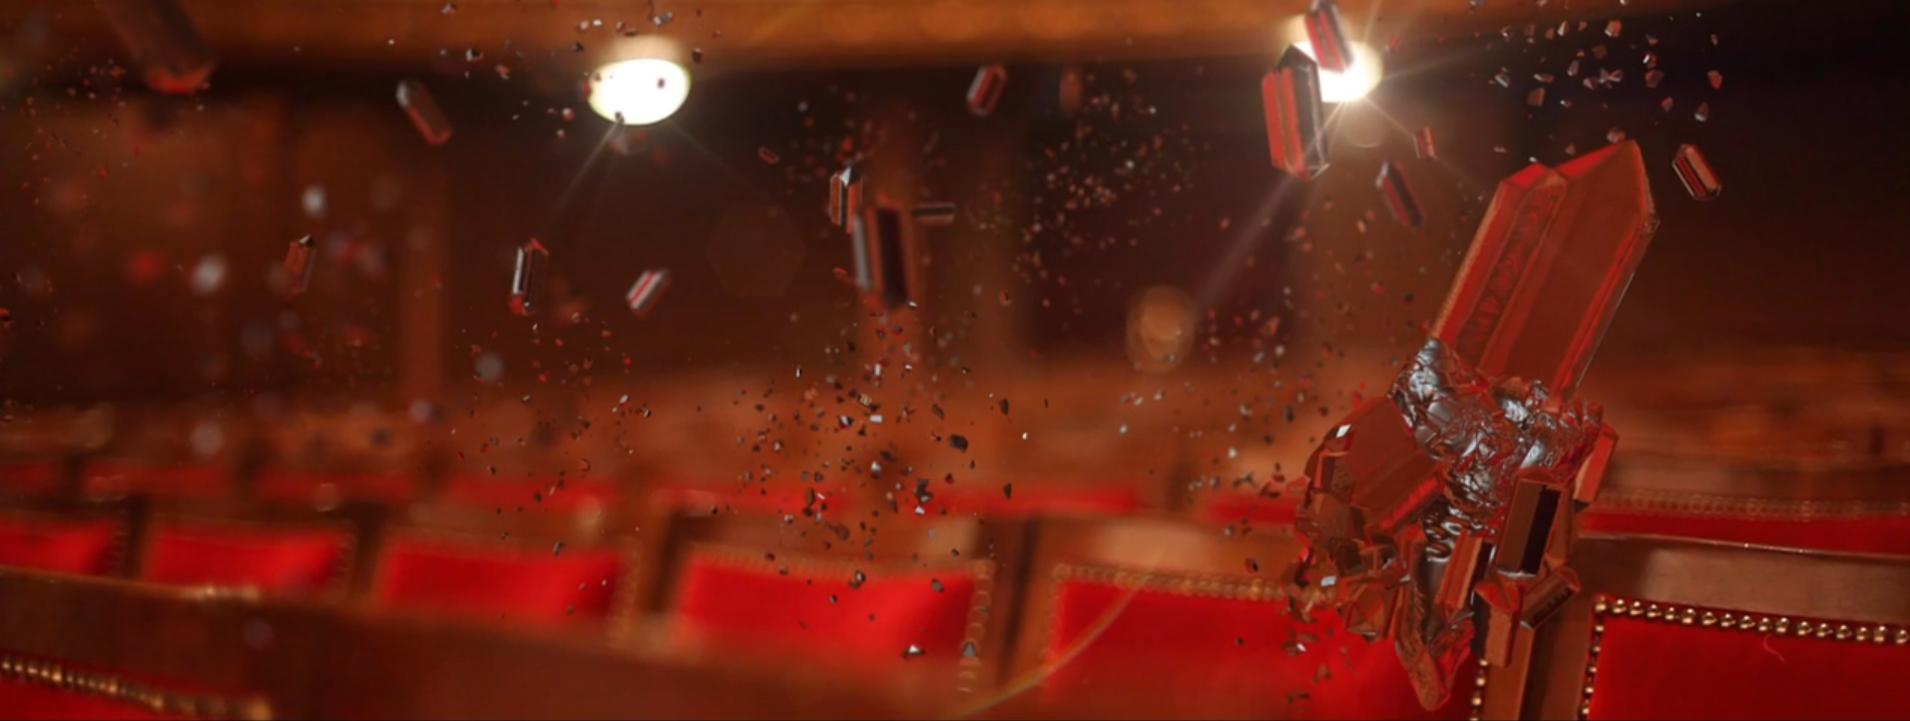 GALERIE-Dripmoon-Studio 3D-Tours-Motion design - Voeux Video Conseil Departemental Indre et Loire 37 9